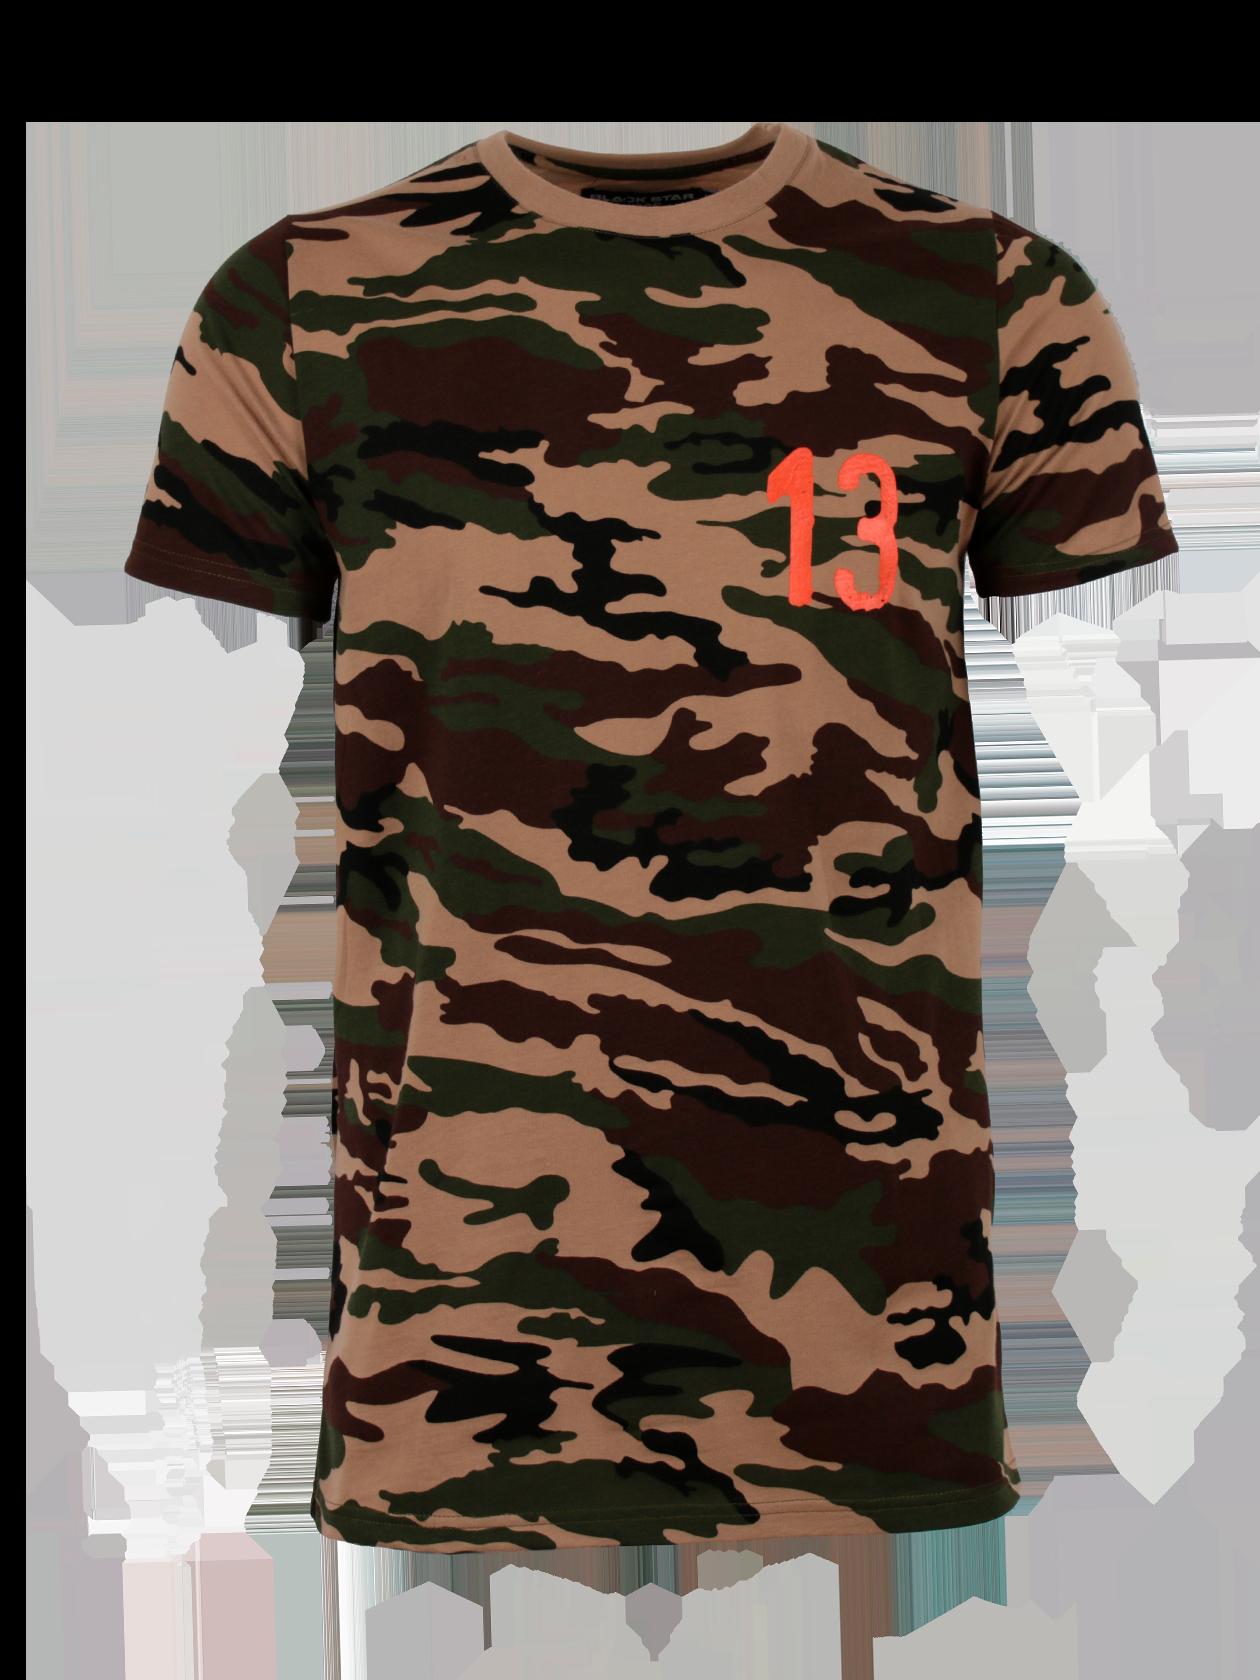 Teens t-shirt PROPERTY OF RUSSIAФутболка подростковая Property of Russia камуфляжной расцветки с белой цифрой 13 на груди. Фасон модели прямой, свободный, удлиненный. Округлая горловина дополнена эластичной окантовкой и жаккардовым лейблом Black Star Wear на внутренней стороне спинки. Модель сшита из натурального хлопка высокого качества, сохраняющего форму после частых стирок. Практичный и стильный вариант на каждый день.<br><br>size: 12-14 years<br>color: Camouflage/Orange<br>gender: unisex